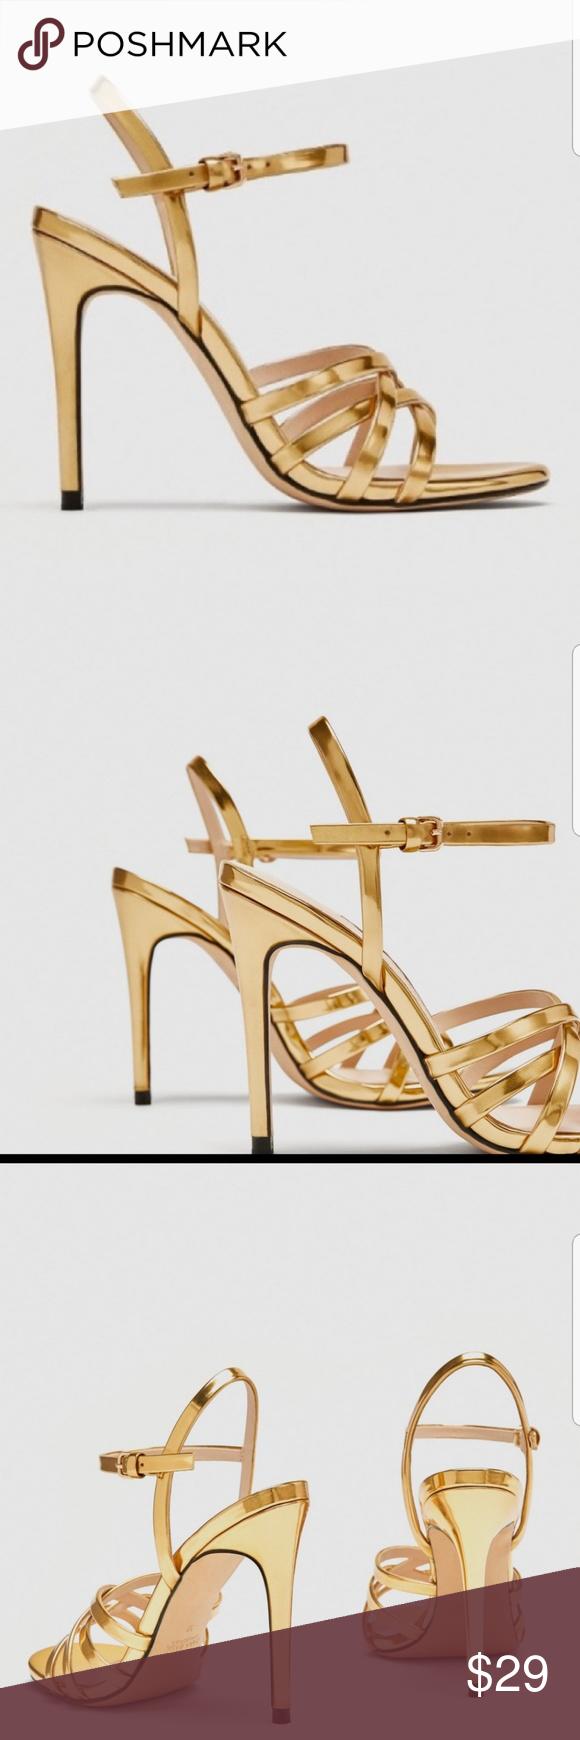 Zara Gold High Heels Laminated Strappy Sandals Zara Gold Gold High Heels Heels